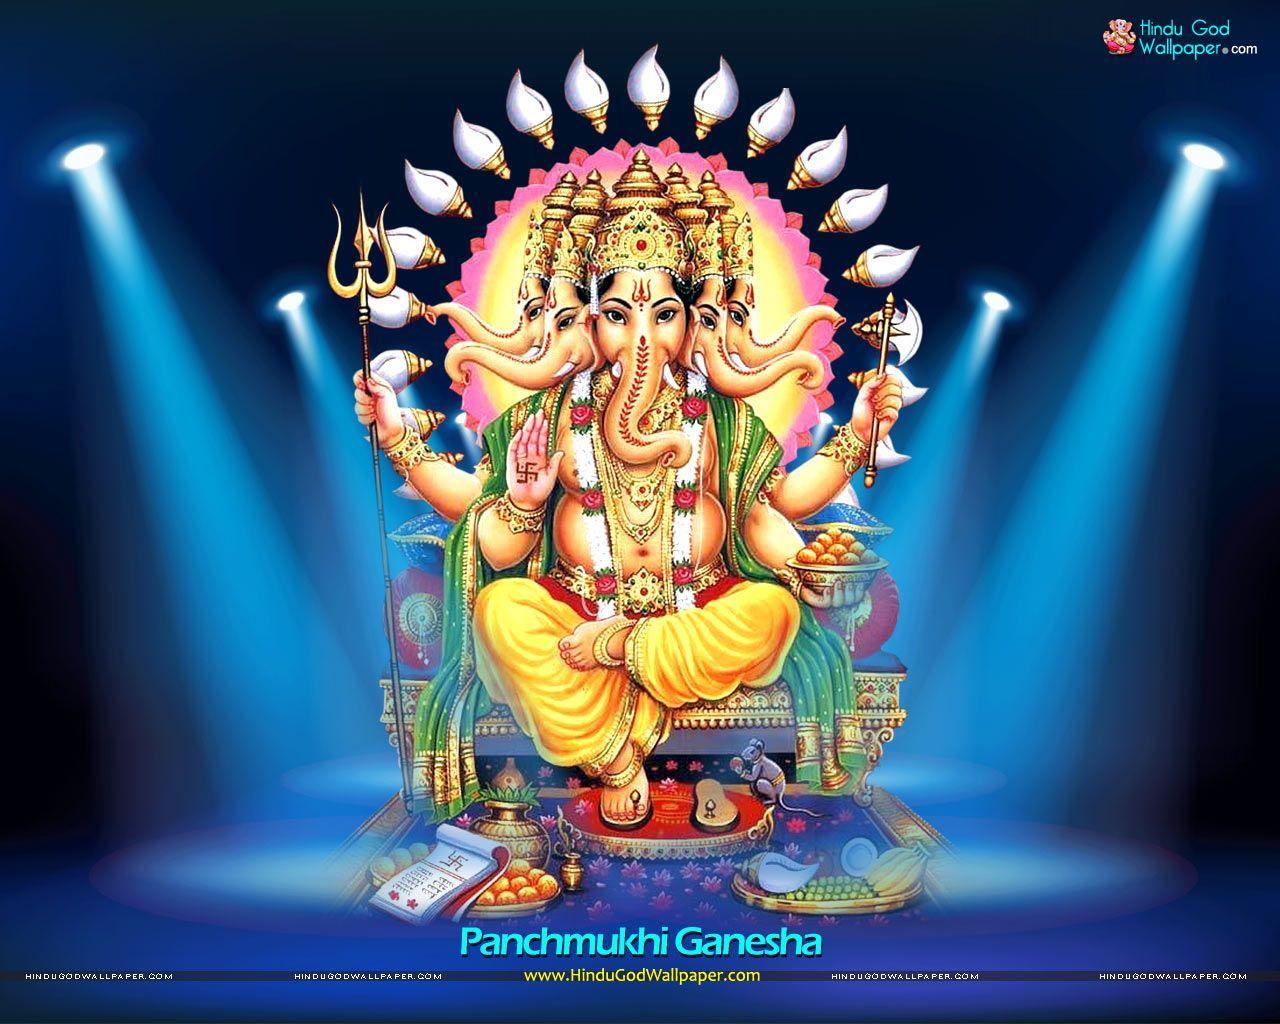 1280x1024 Vinayagar Hình nền Tải xuống - Panchamukhi Ganesh, Hình nền HD